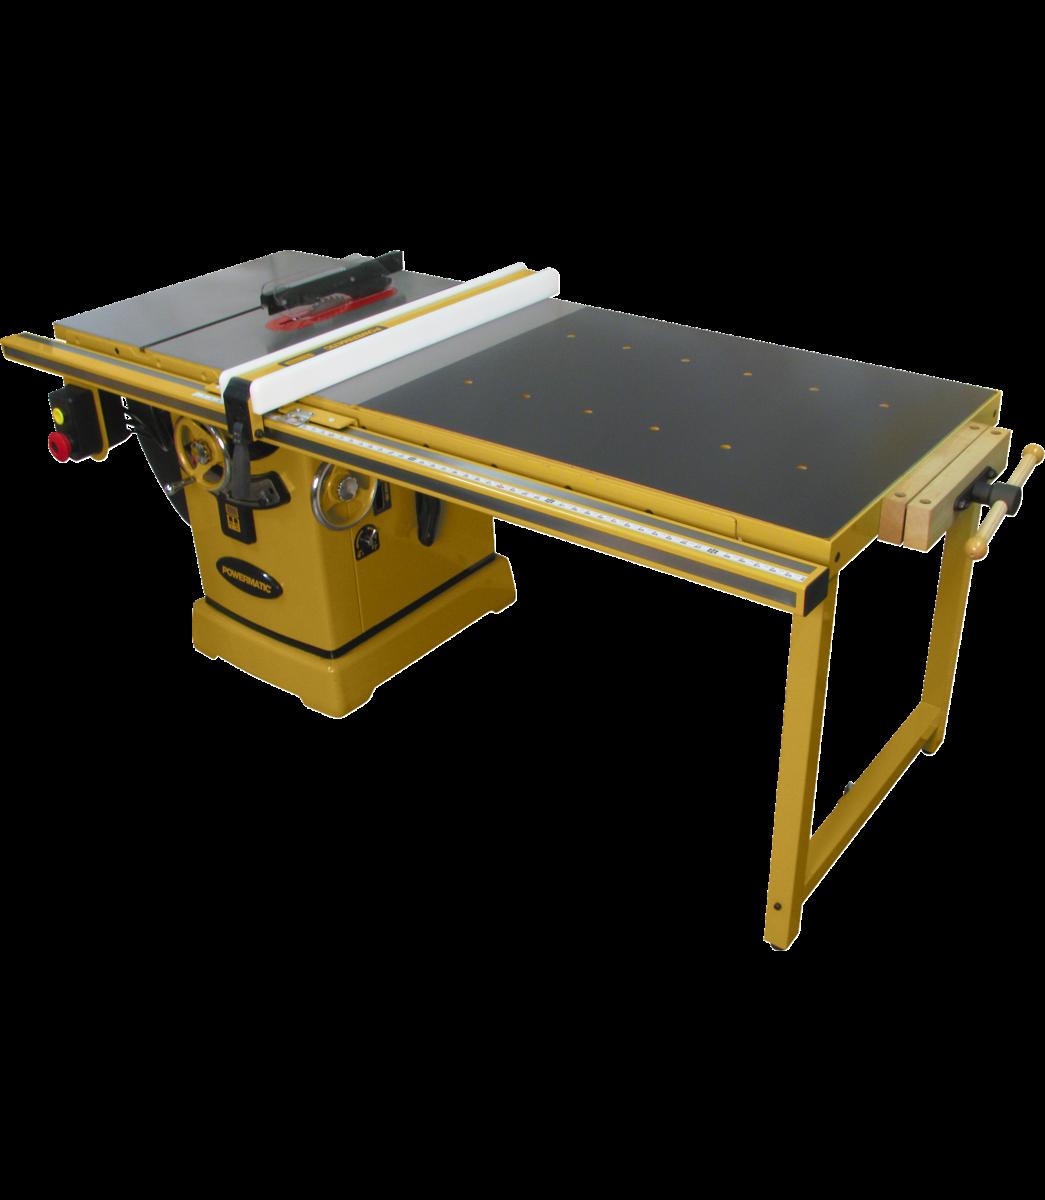 """2000B table saw - 5HP 3PH 230/460V 50"""" RIP w/Accu-Fence & Workbench"""